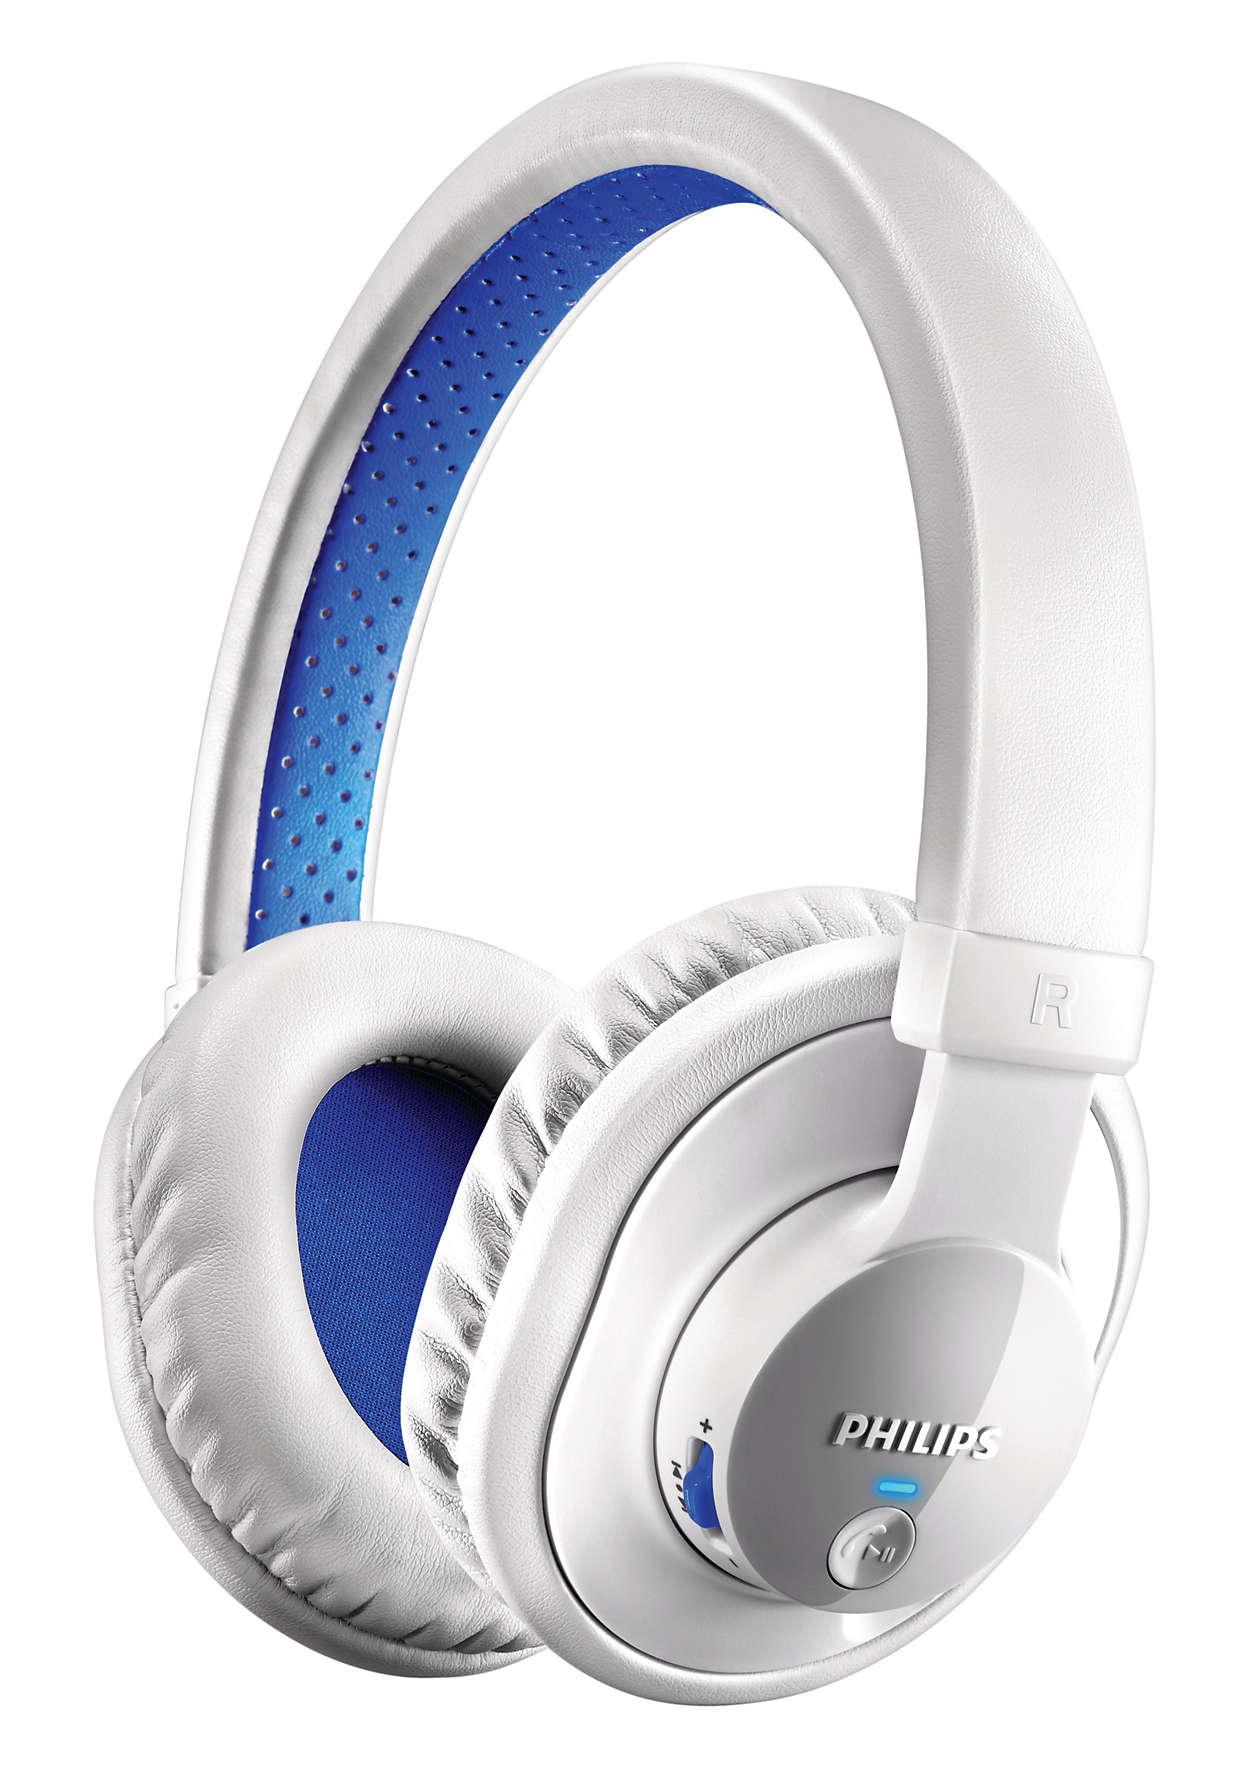 Ασύρματος ήχος υψηλής απόδοσης